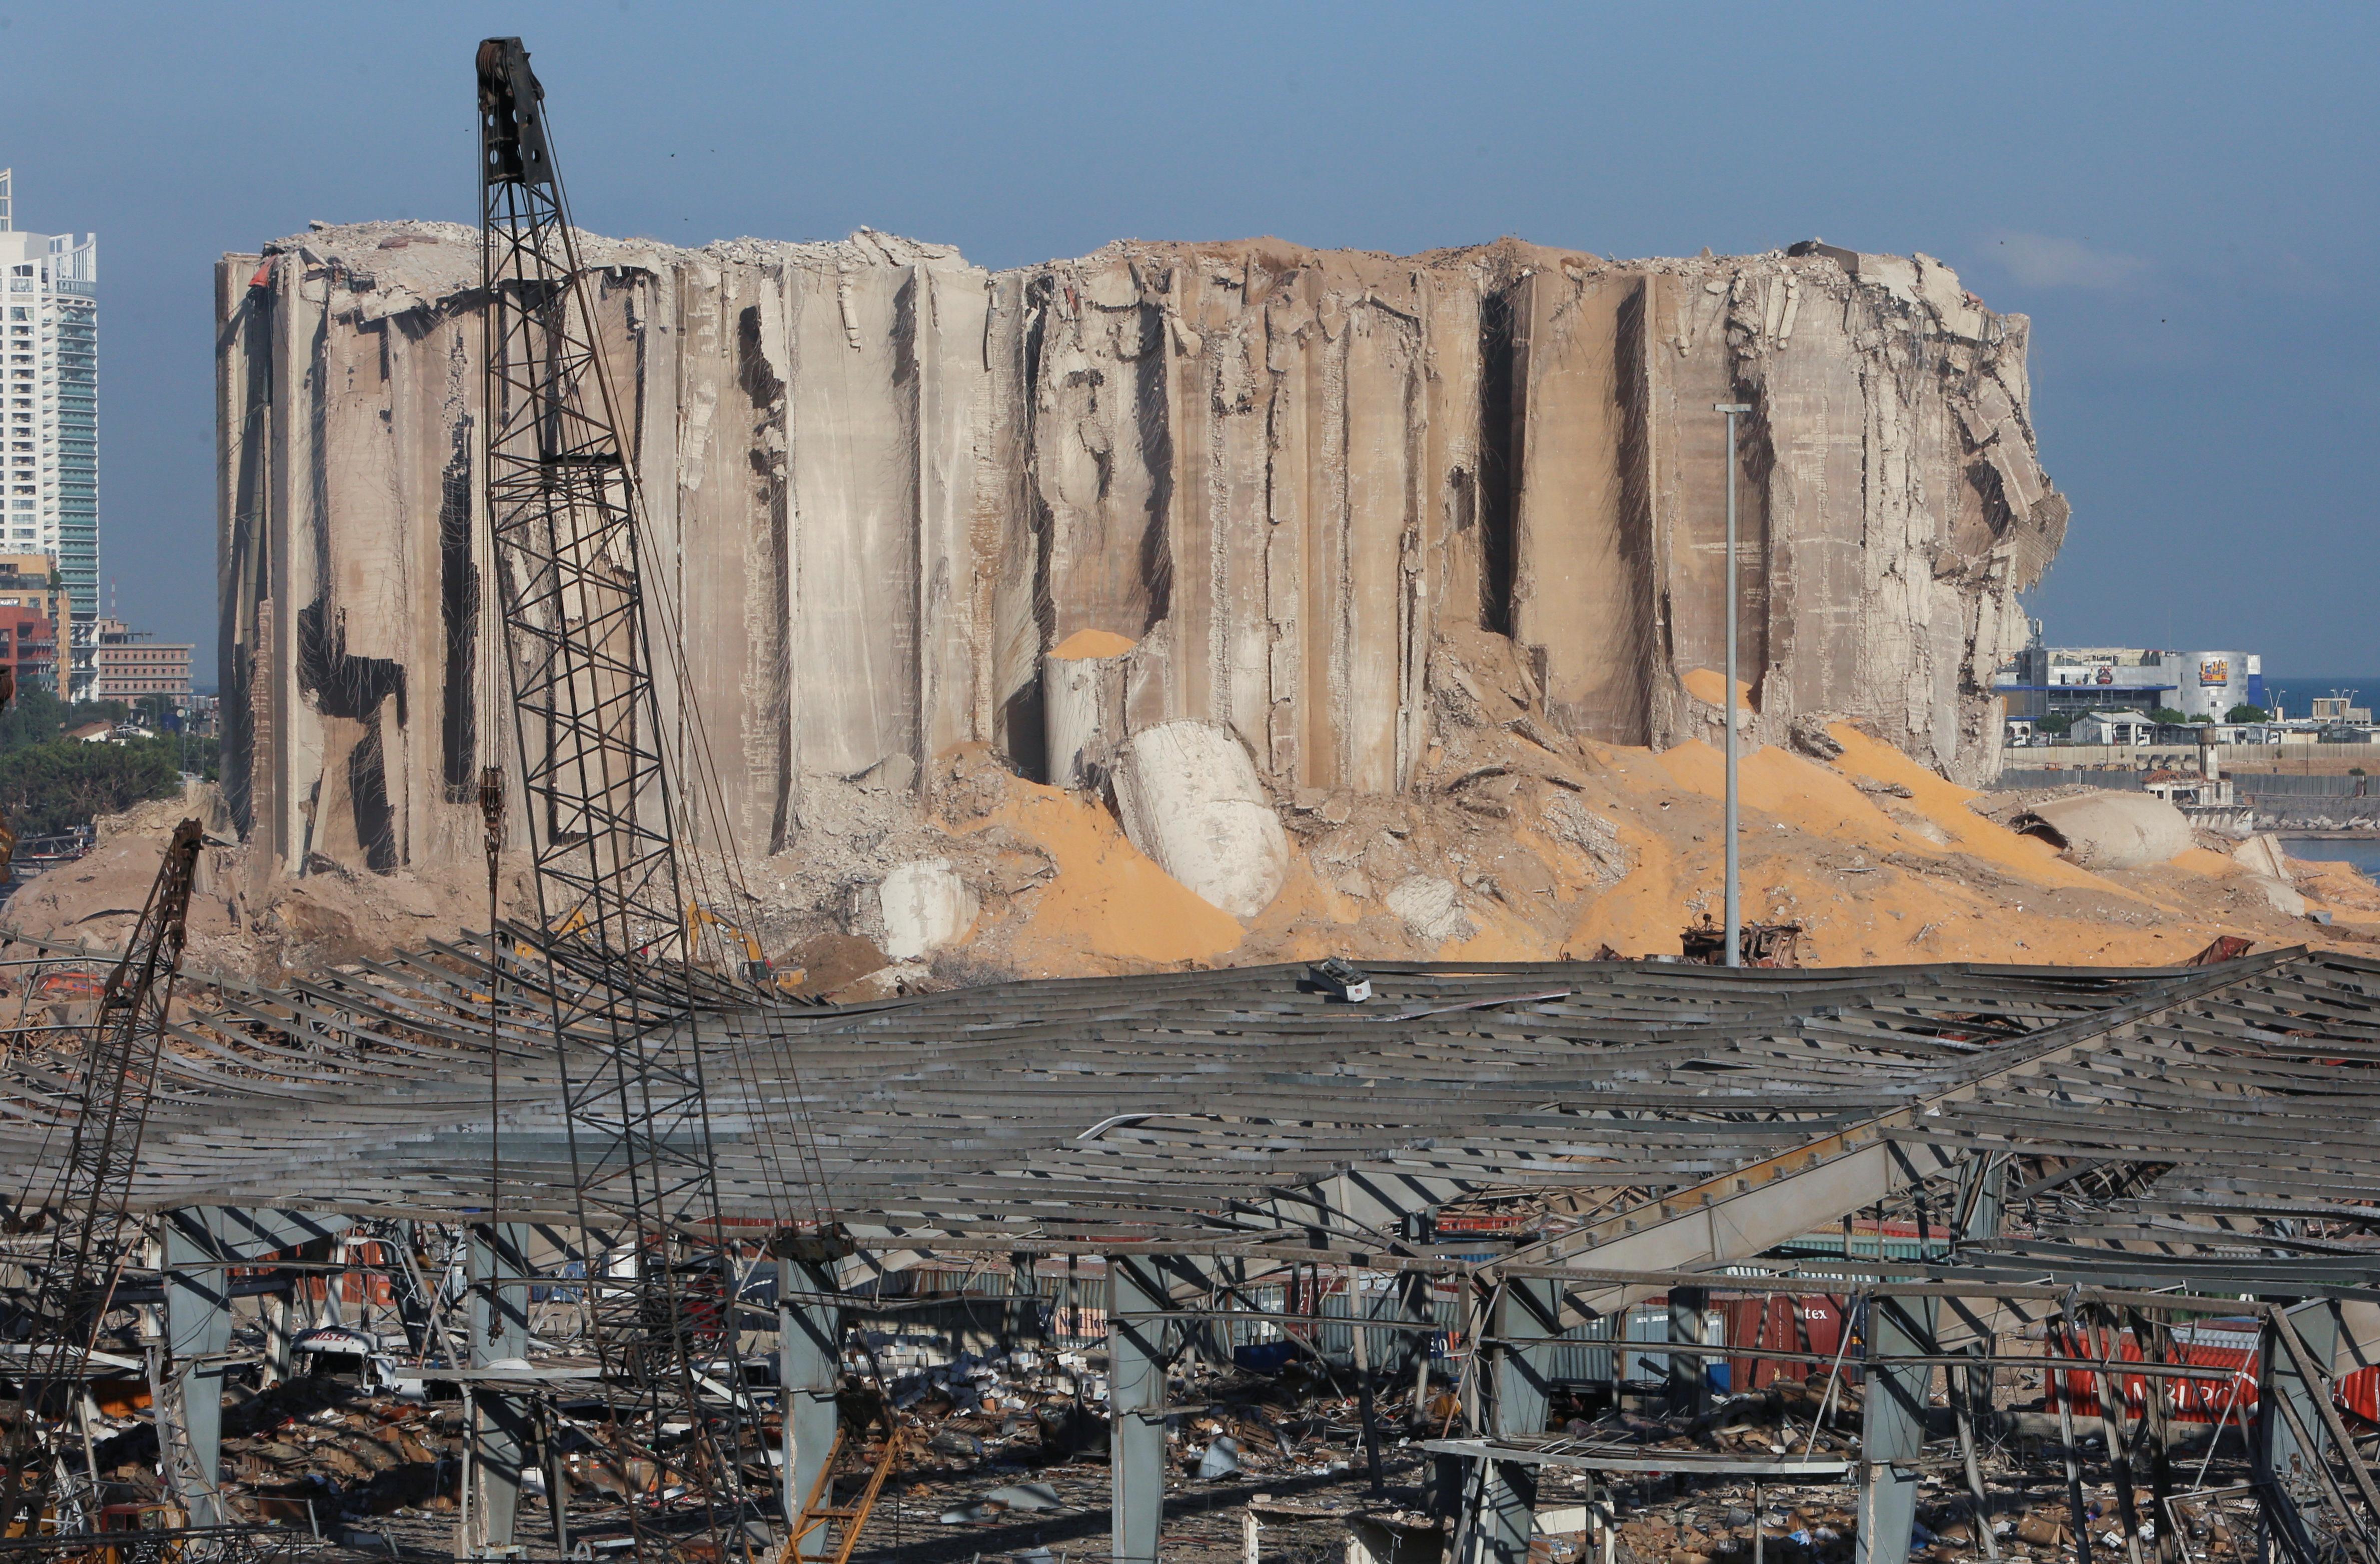 贝鲁特周二发生大爆炸,港口仓库存放逾6年、2000多公吨的化肥原料硝酸铵引爆,惊人威力摧毁近半市区。图为被炸毁的粮仓。-路透社-